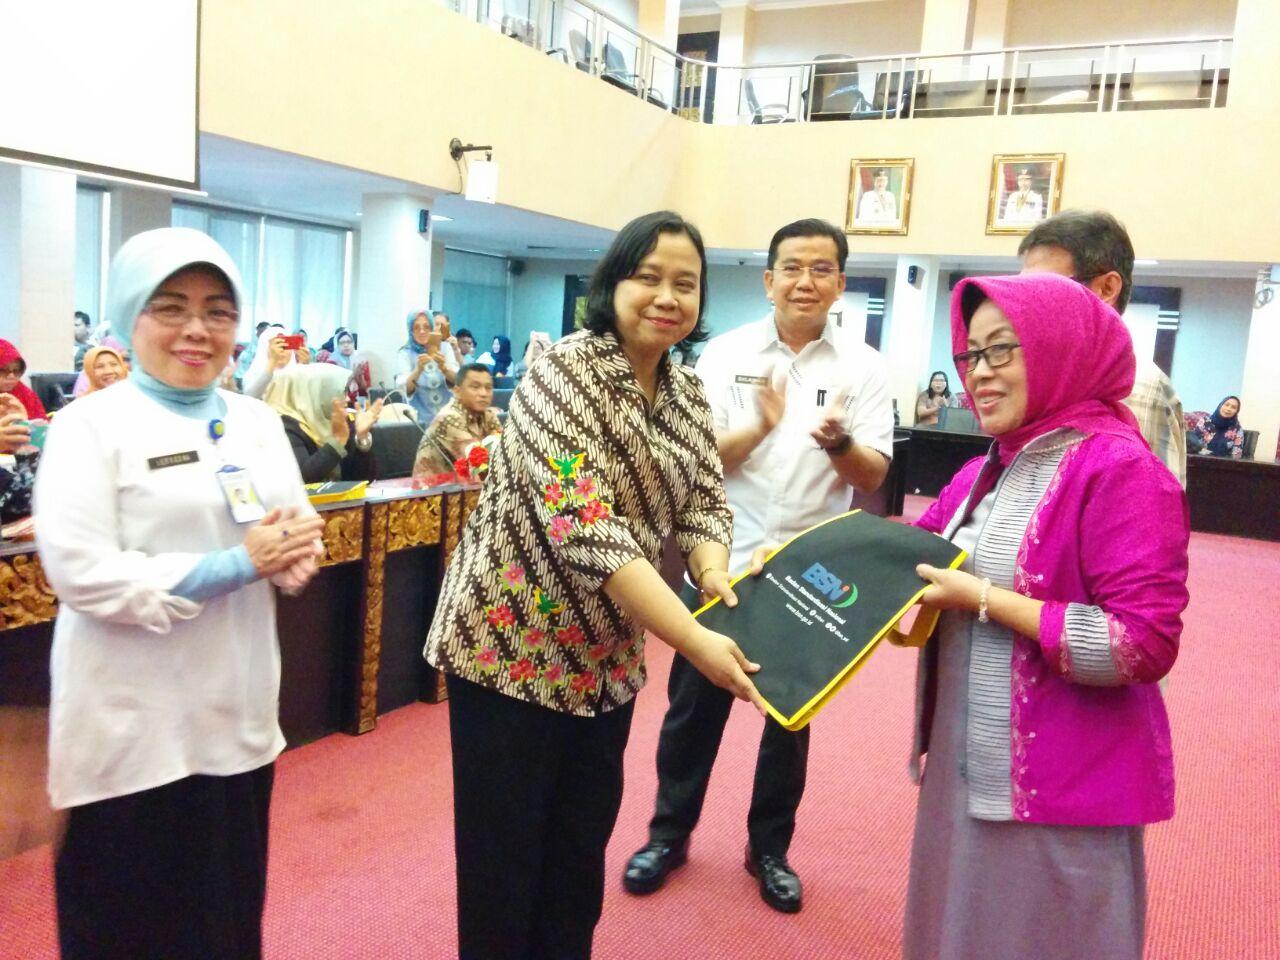 Palembang Segera Miliki Pusat Wisata Kuliner Halal Bsn Badan Standardisasi Nasional National Standardization Agency Of Indonesia Setting The Standard In Indonesia Iso Sni Wto